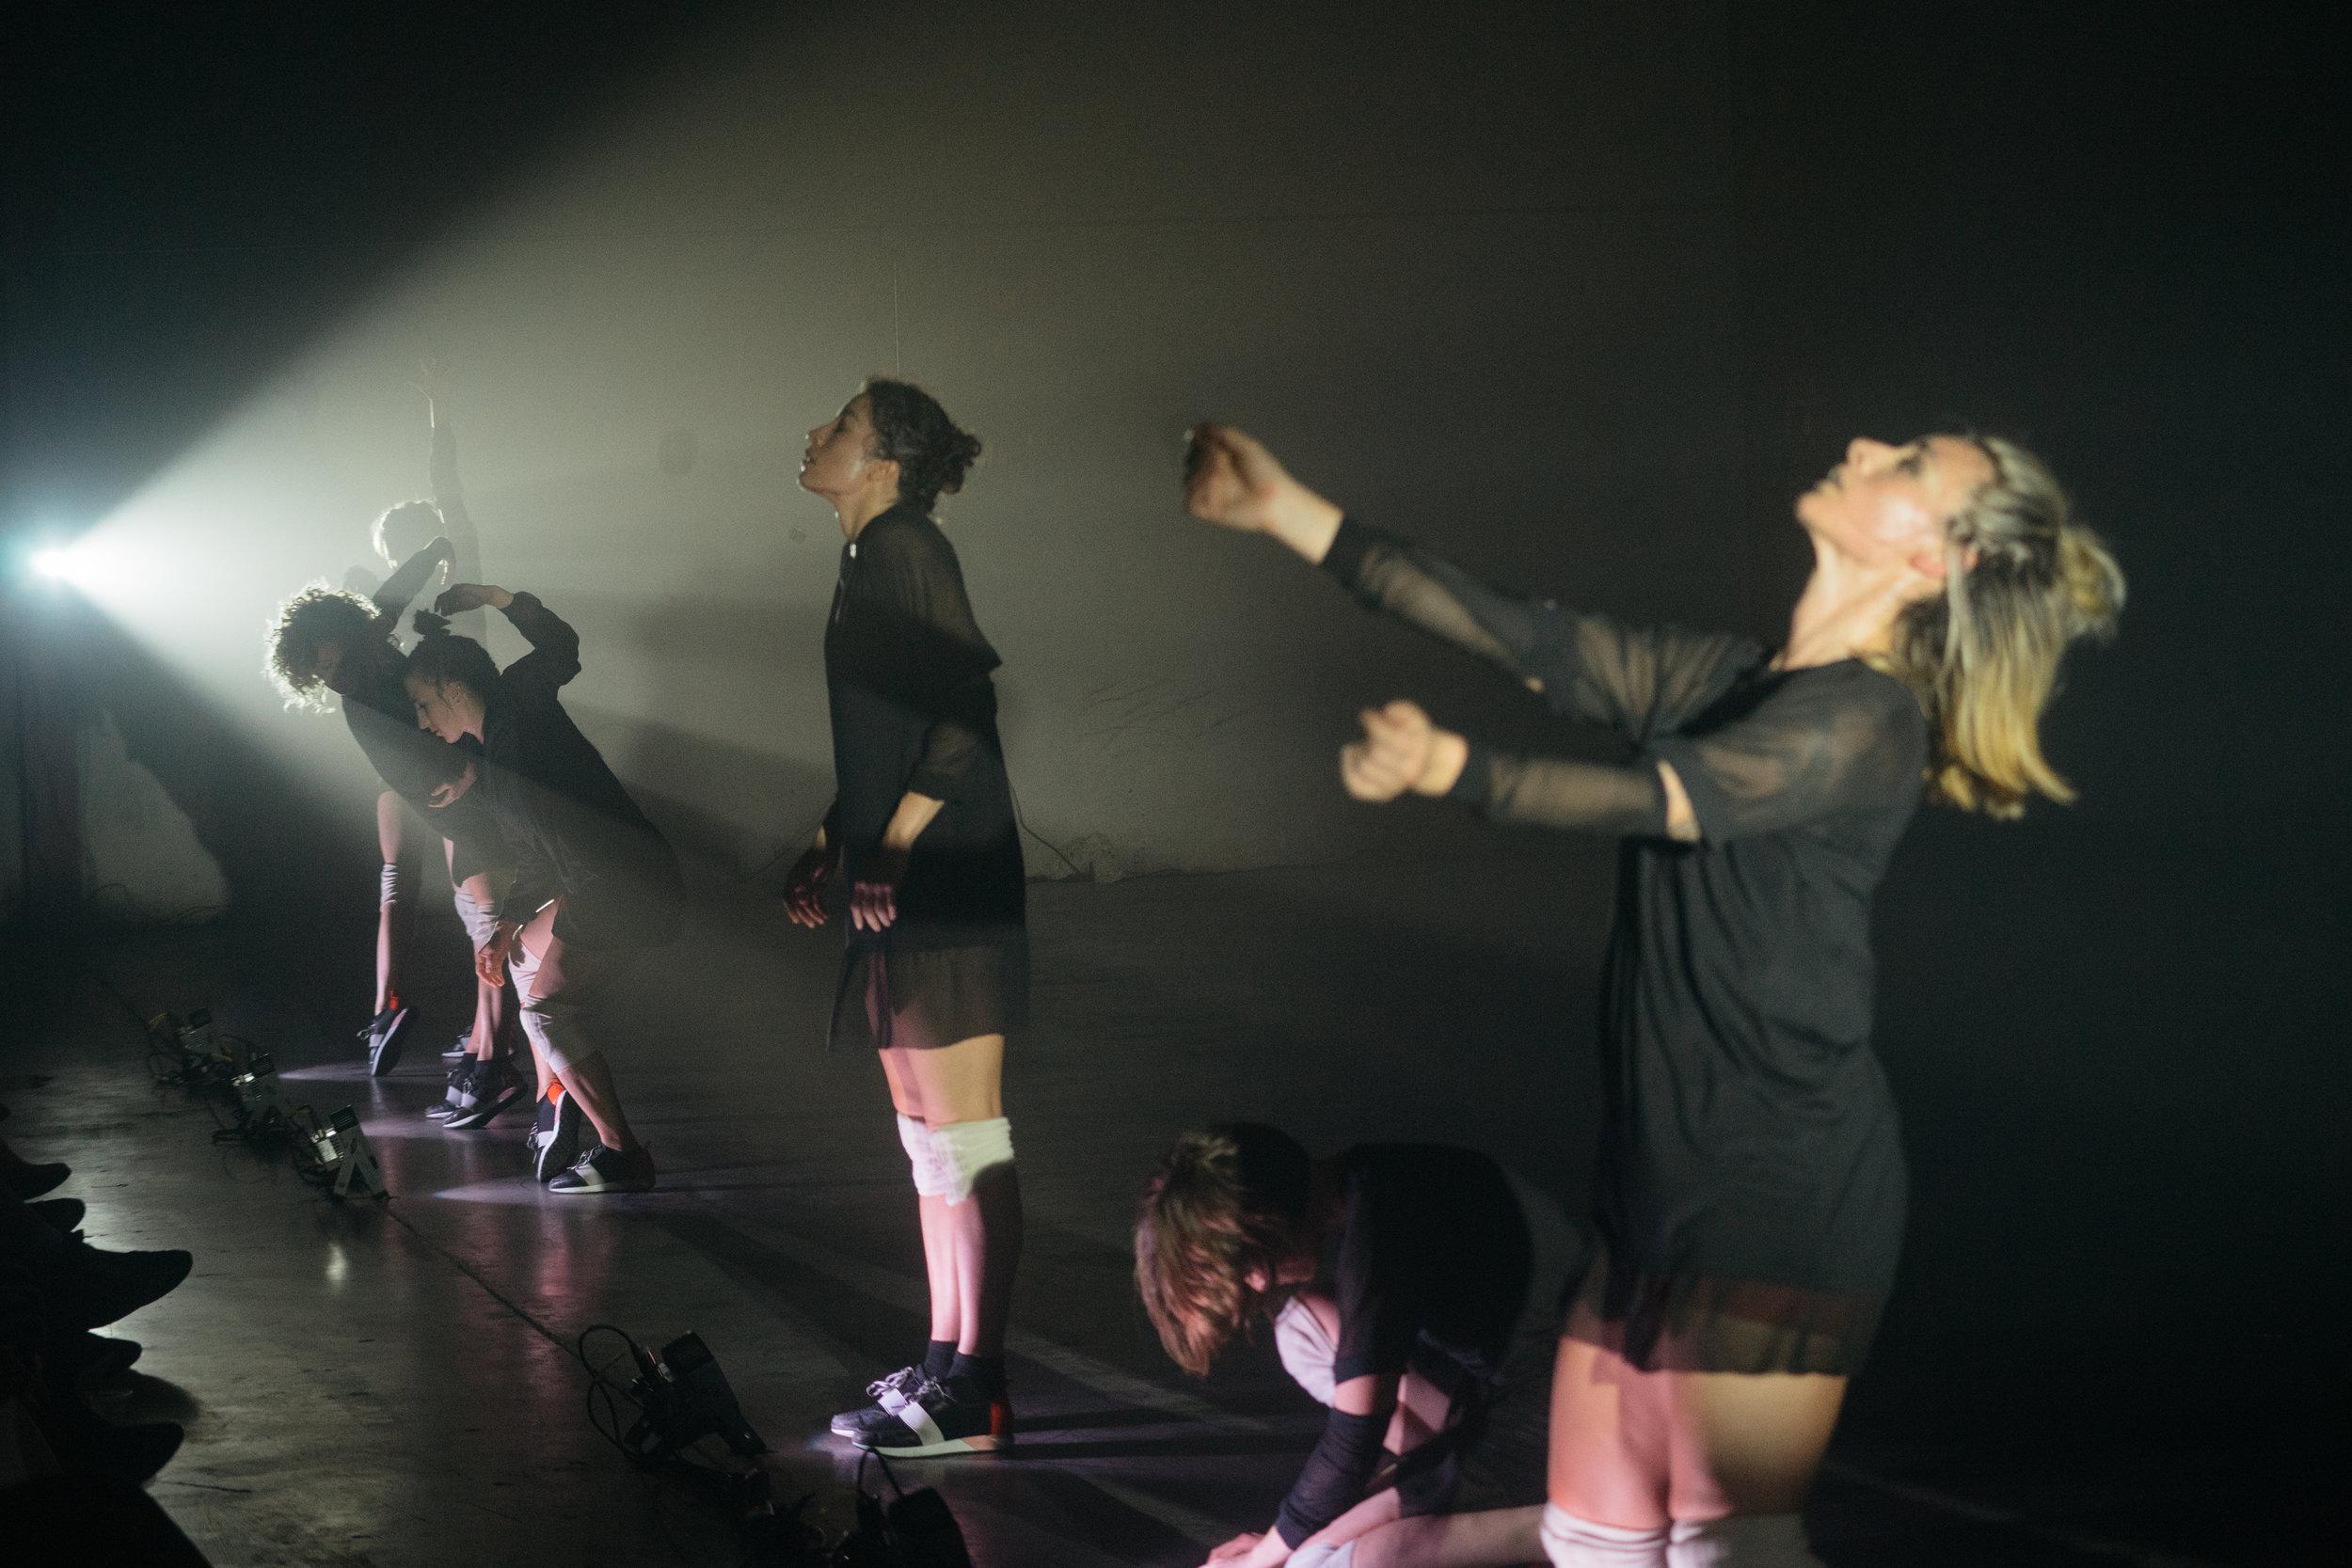 Dancers: Katie Gunderson, Hailley Lauren, Katie Hopkins, Sarah Navarrete, Taryn Lavery, Alex Miller